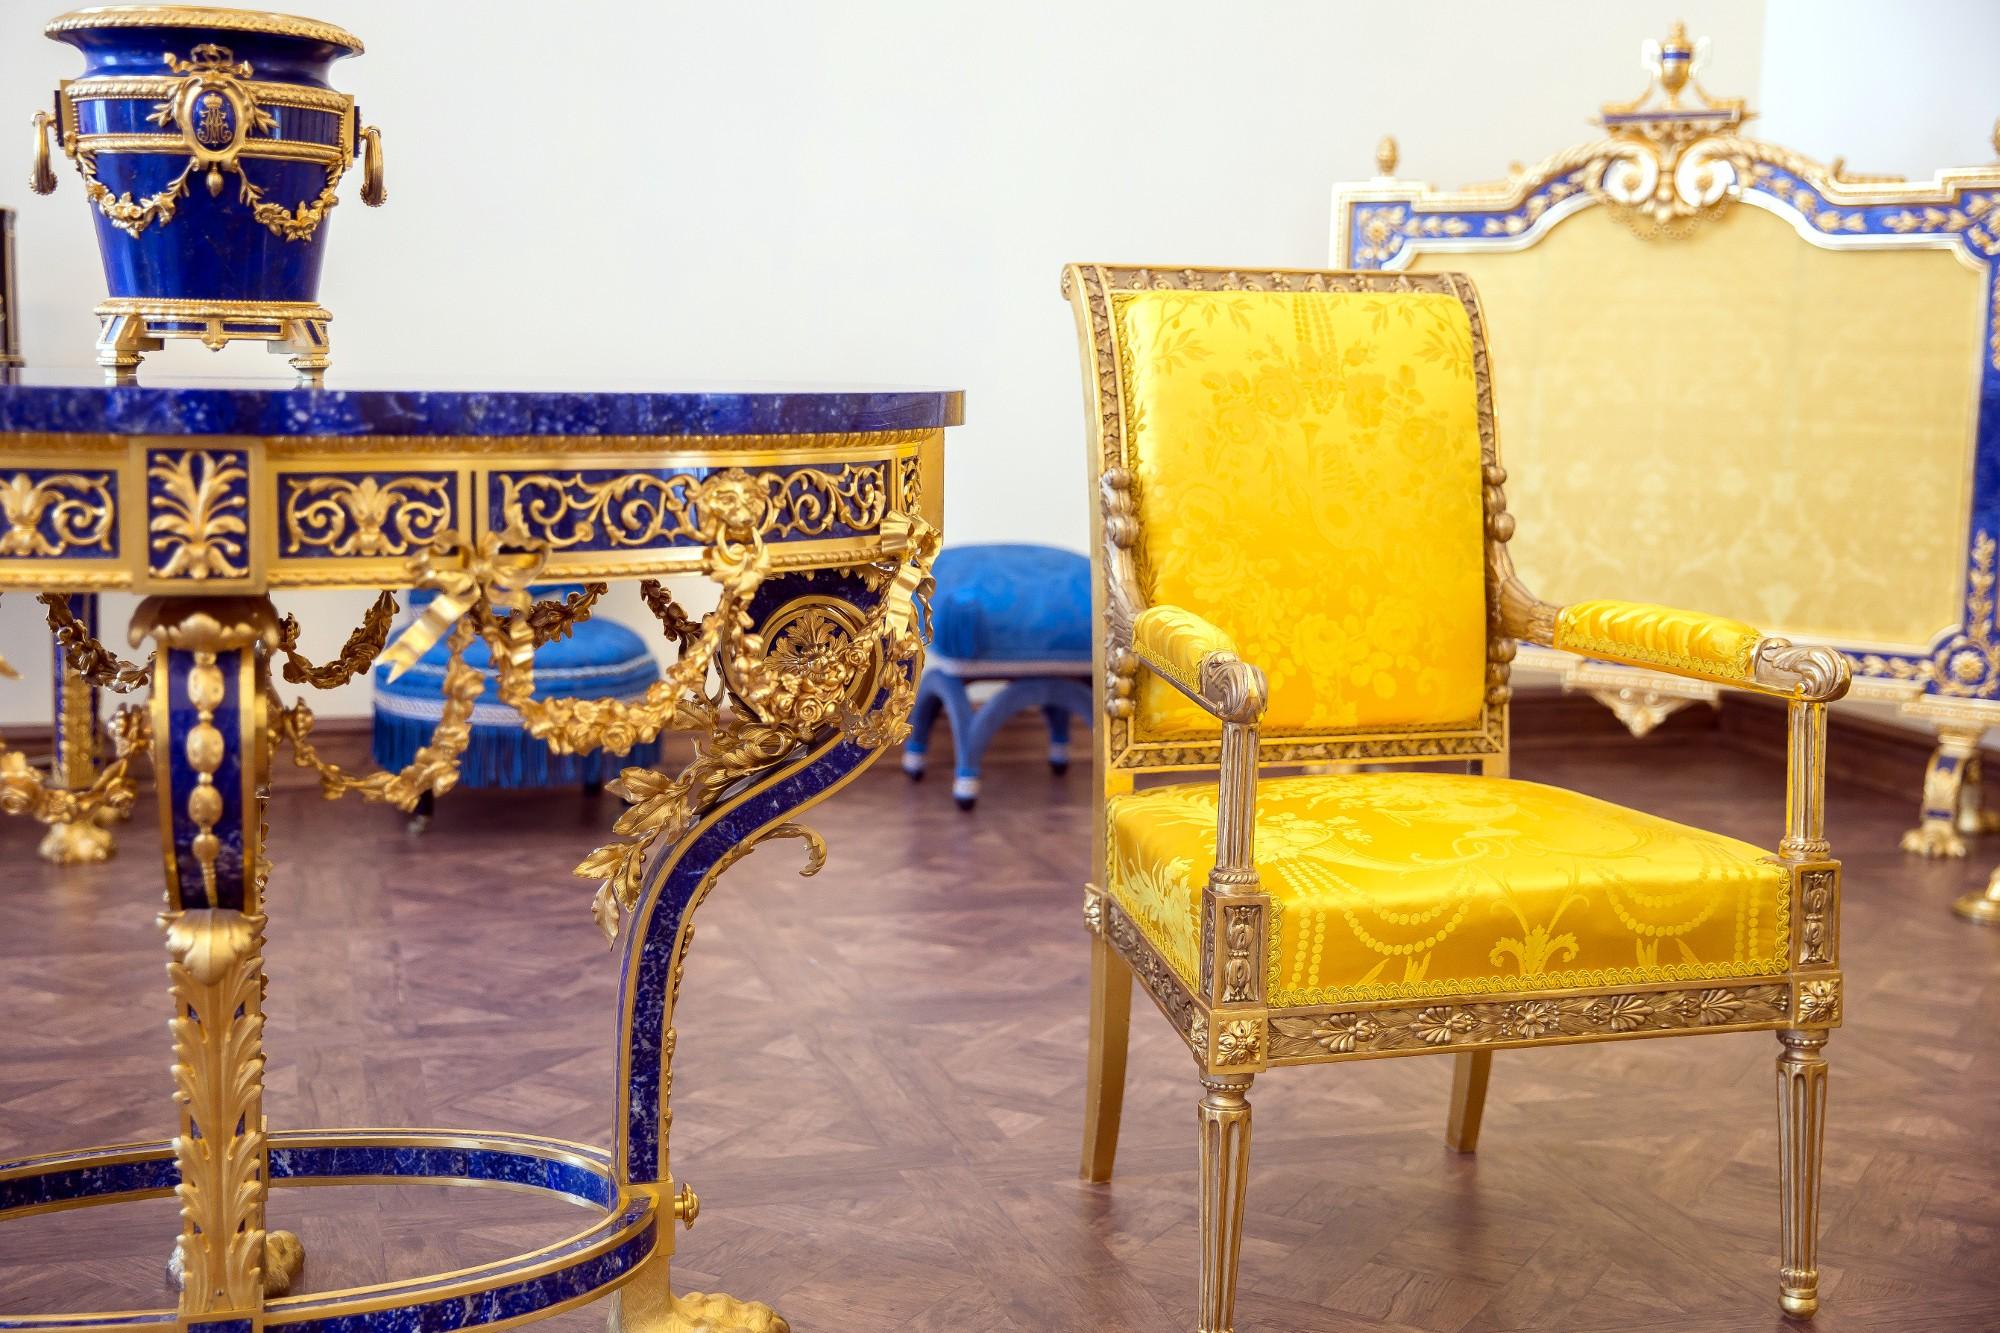 Царское Село Екатерининский дворец отреставрированные кресла лионский шёлк